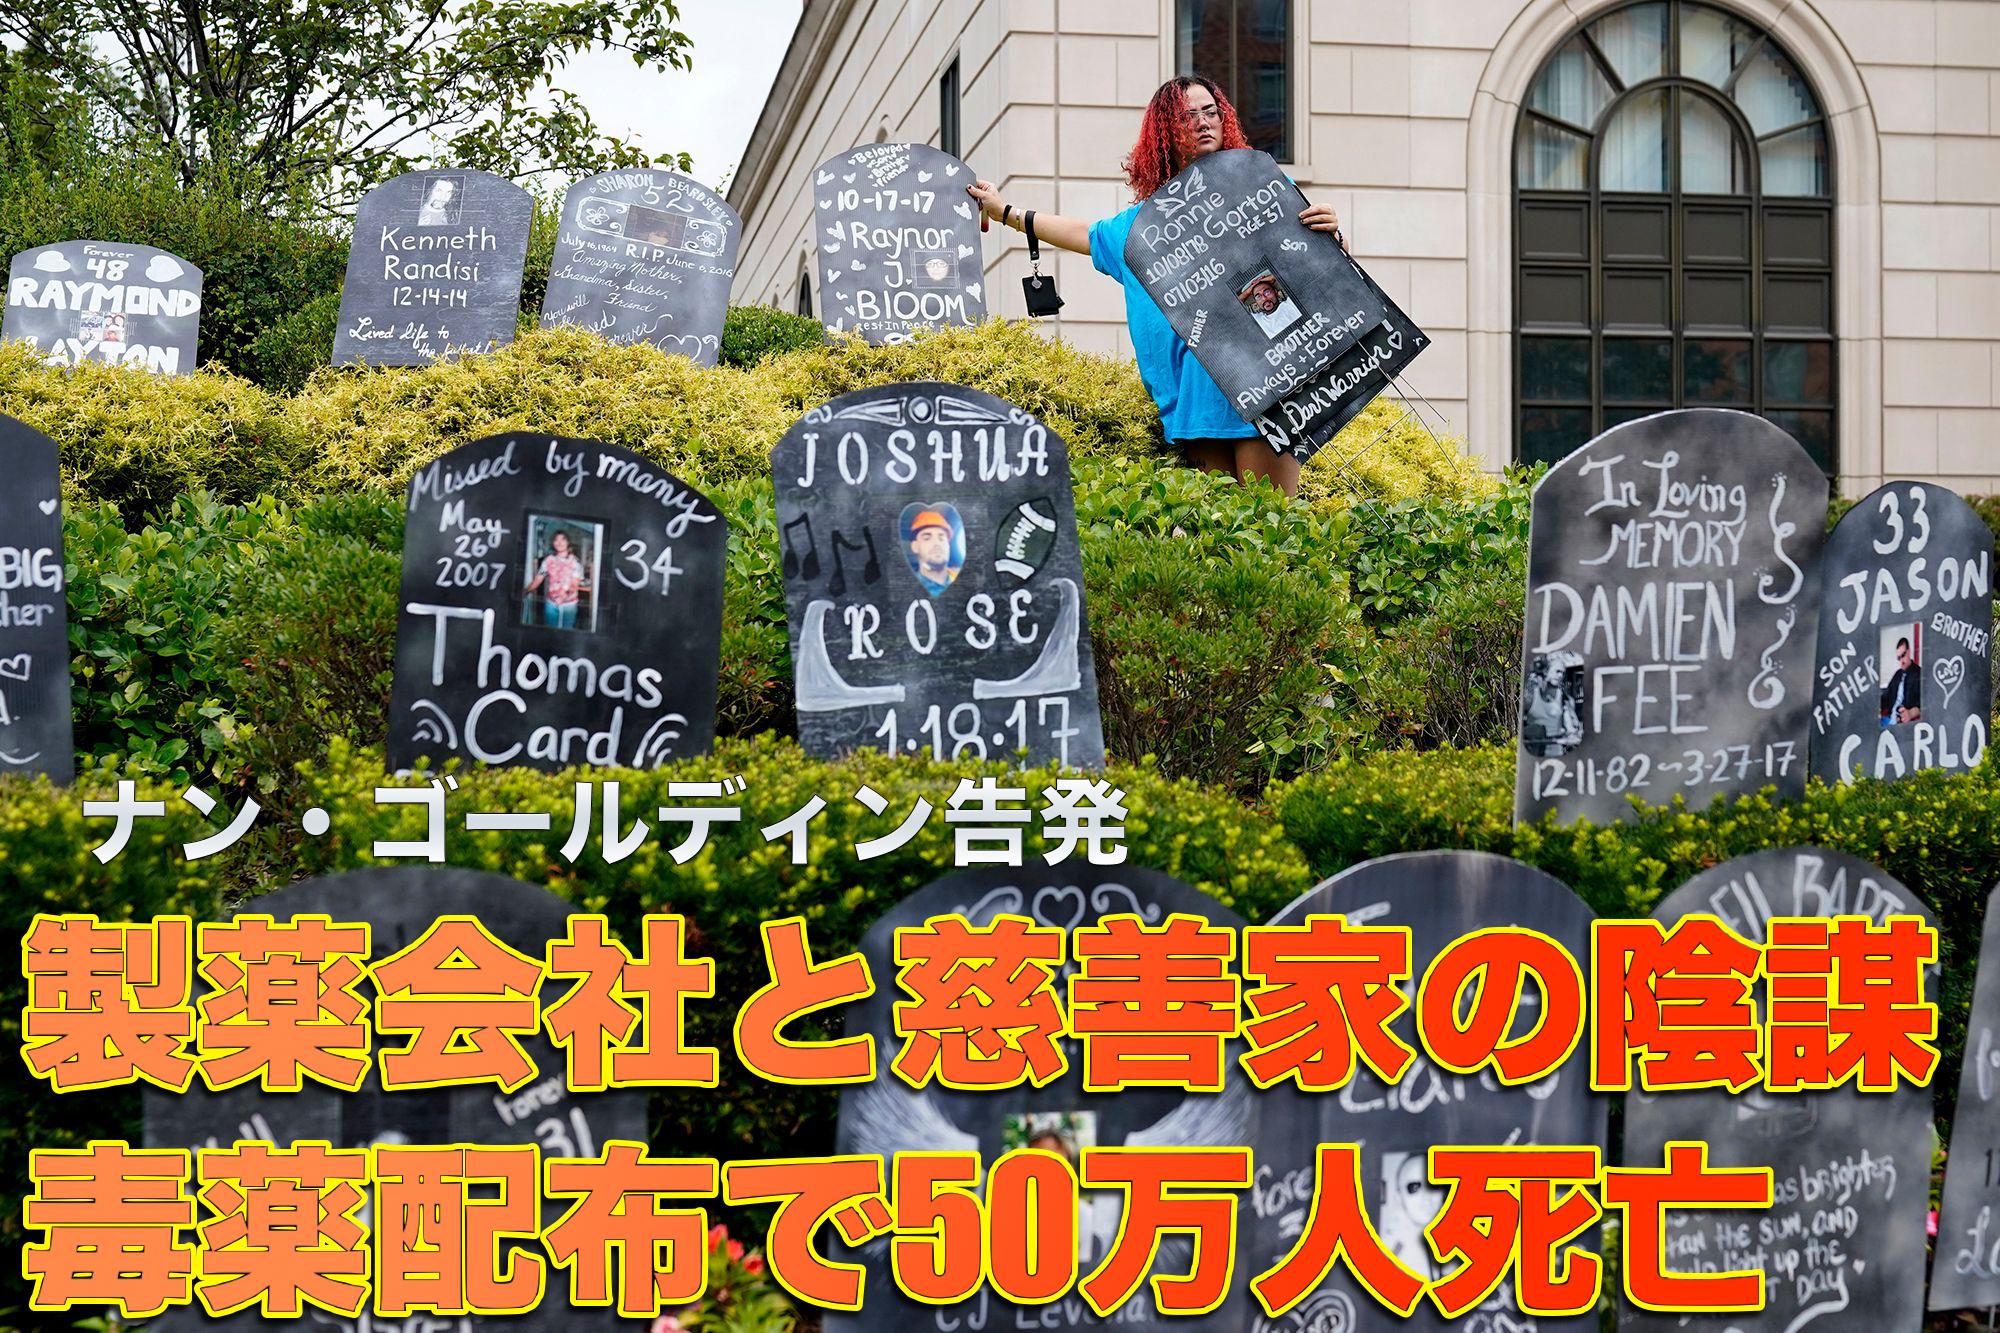 【プロテスト・アート】ナン・ゴールディン、人為的疫病の裁判結果に抗議